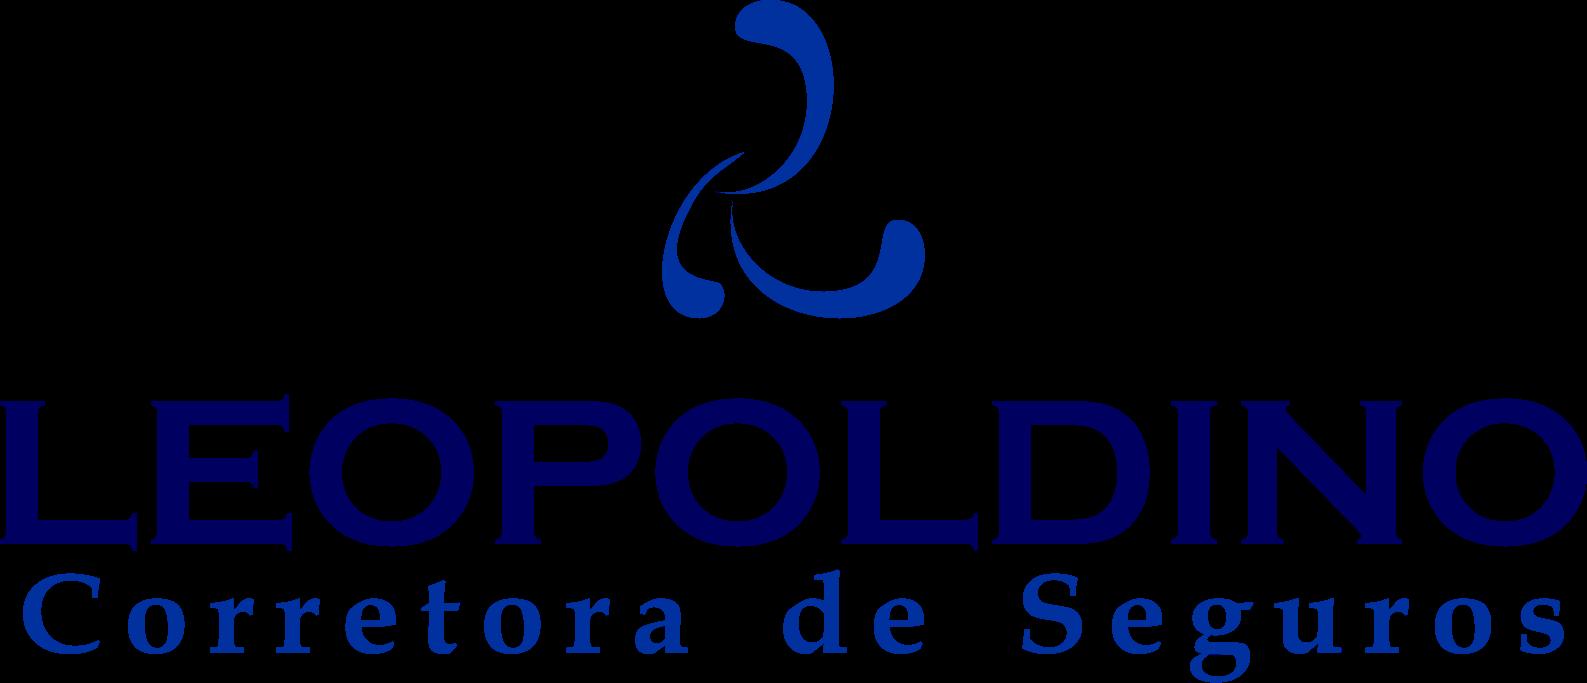 Corretora de seguros em BELO HORIZONTE